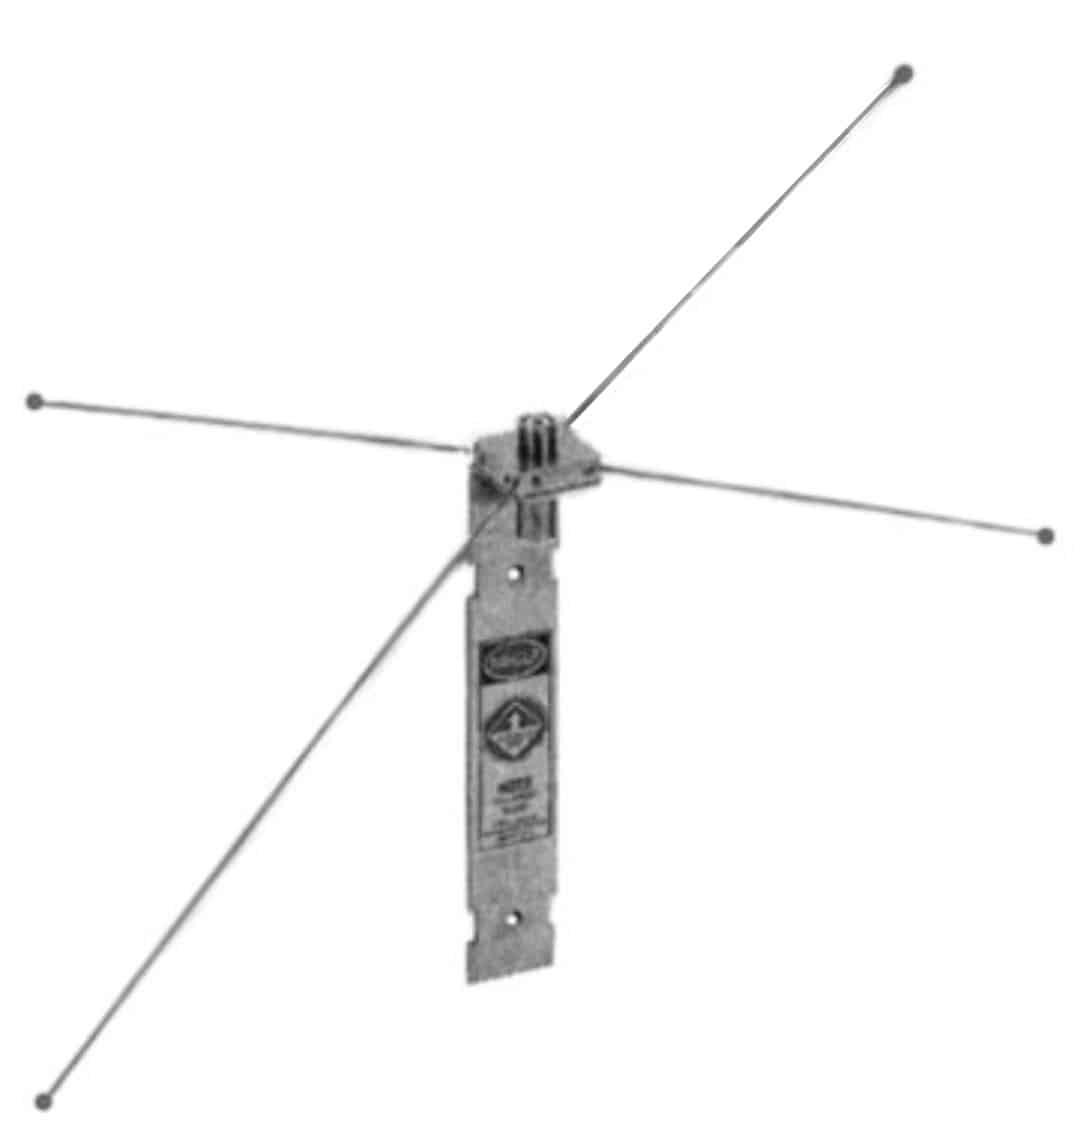 BSAK - Larsen 144-512 MHz Round Plane Radial Kit